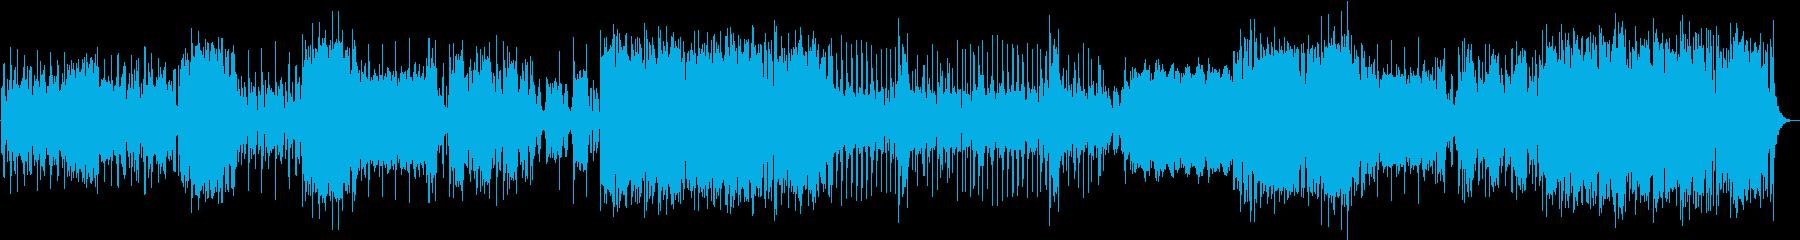 不思議な雰囲気の管弦曲の再生済みの波形